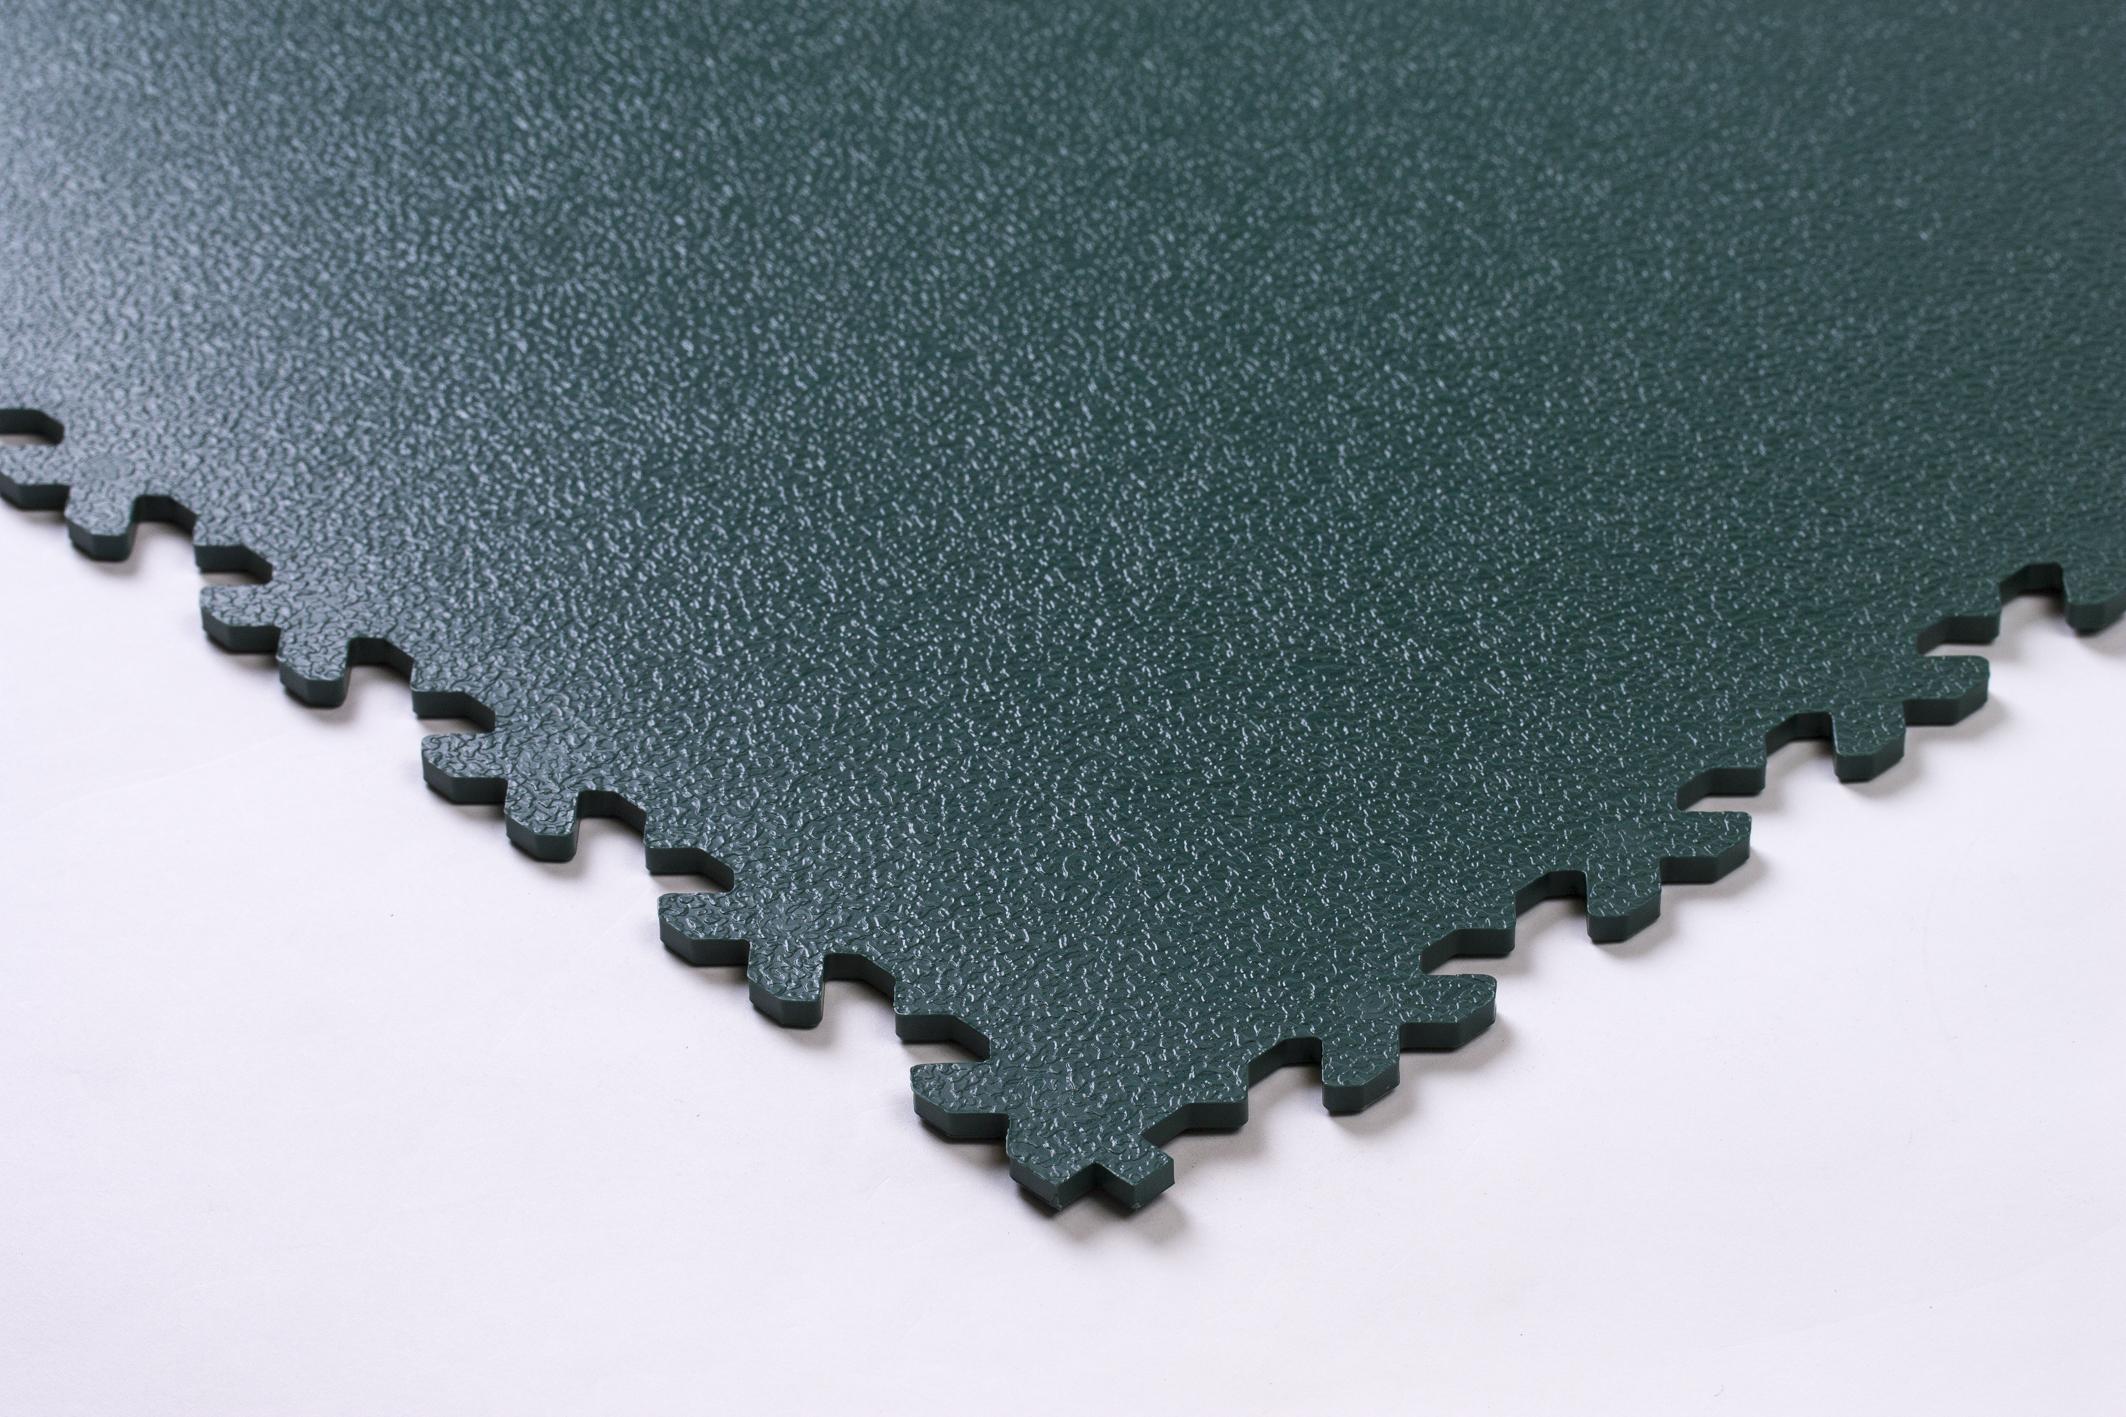 Industrial Pvc Interlocking Tiles Multi Tile Flooring For